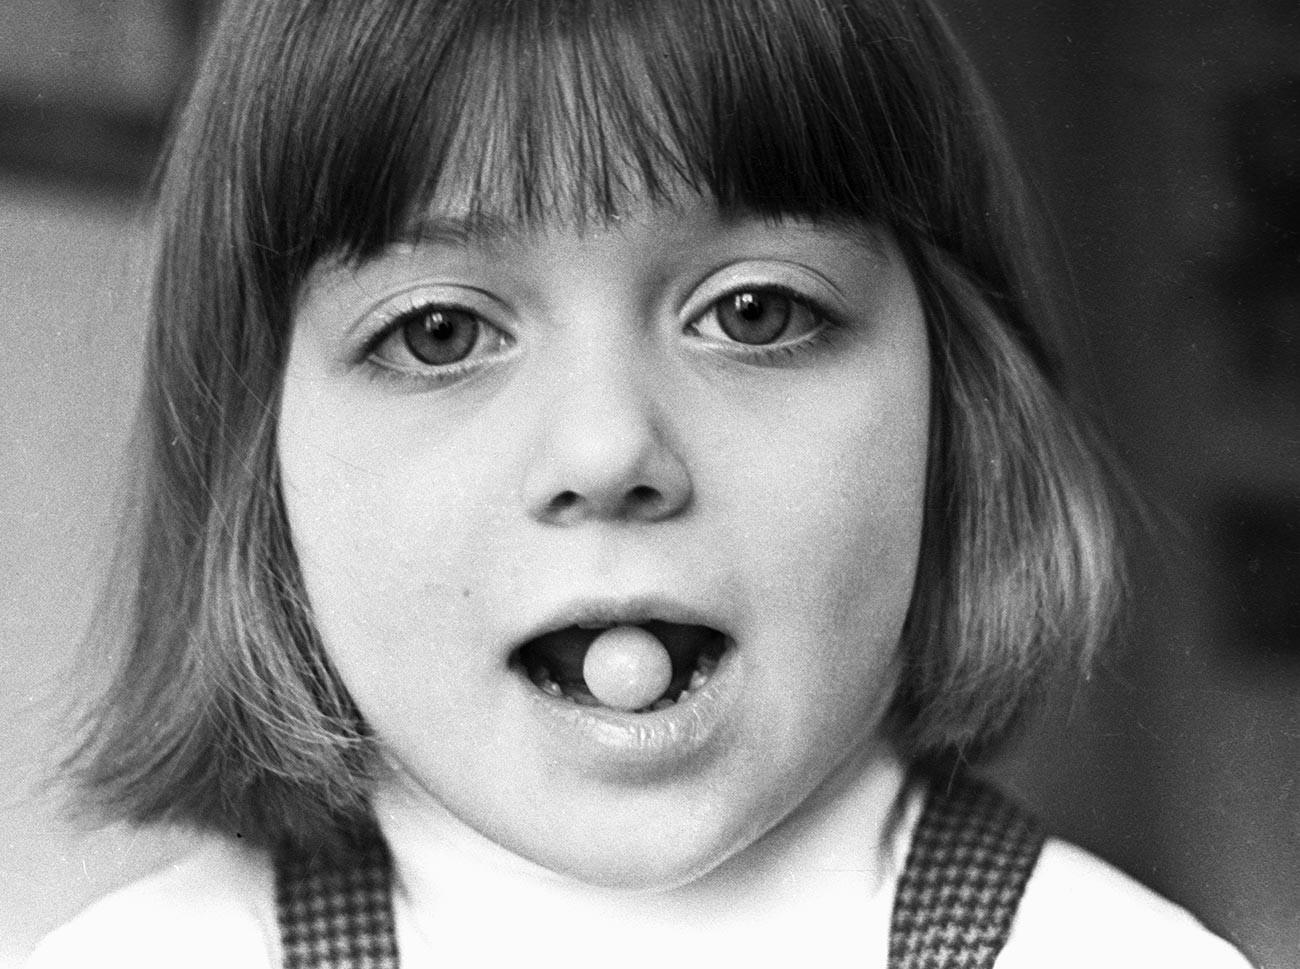 Девочка держит в зубах